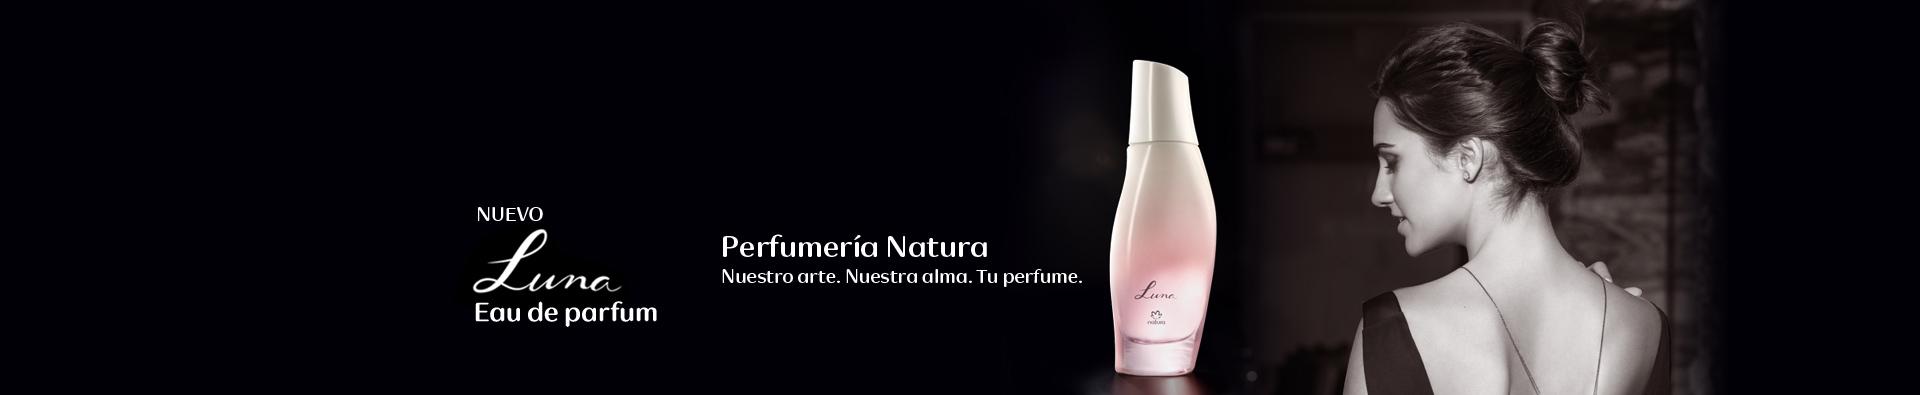 Perfume Luna y mujer de espalda